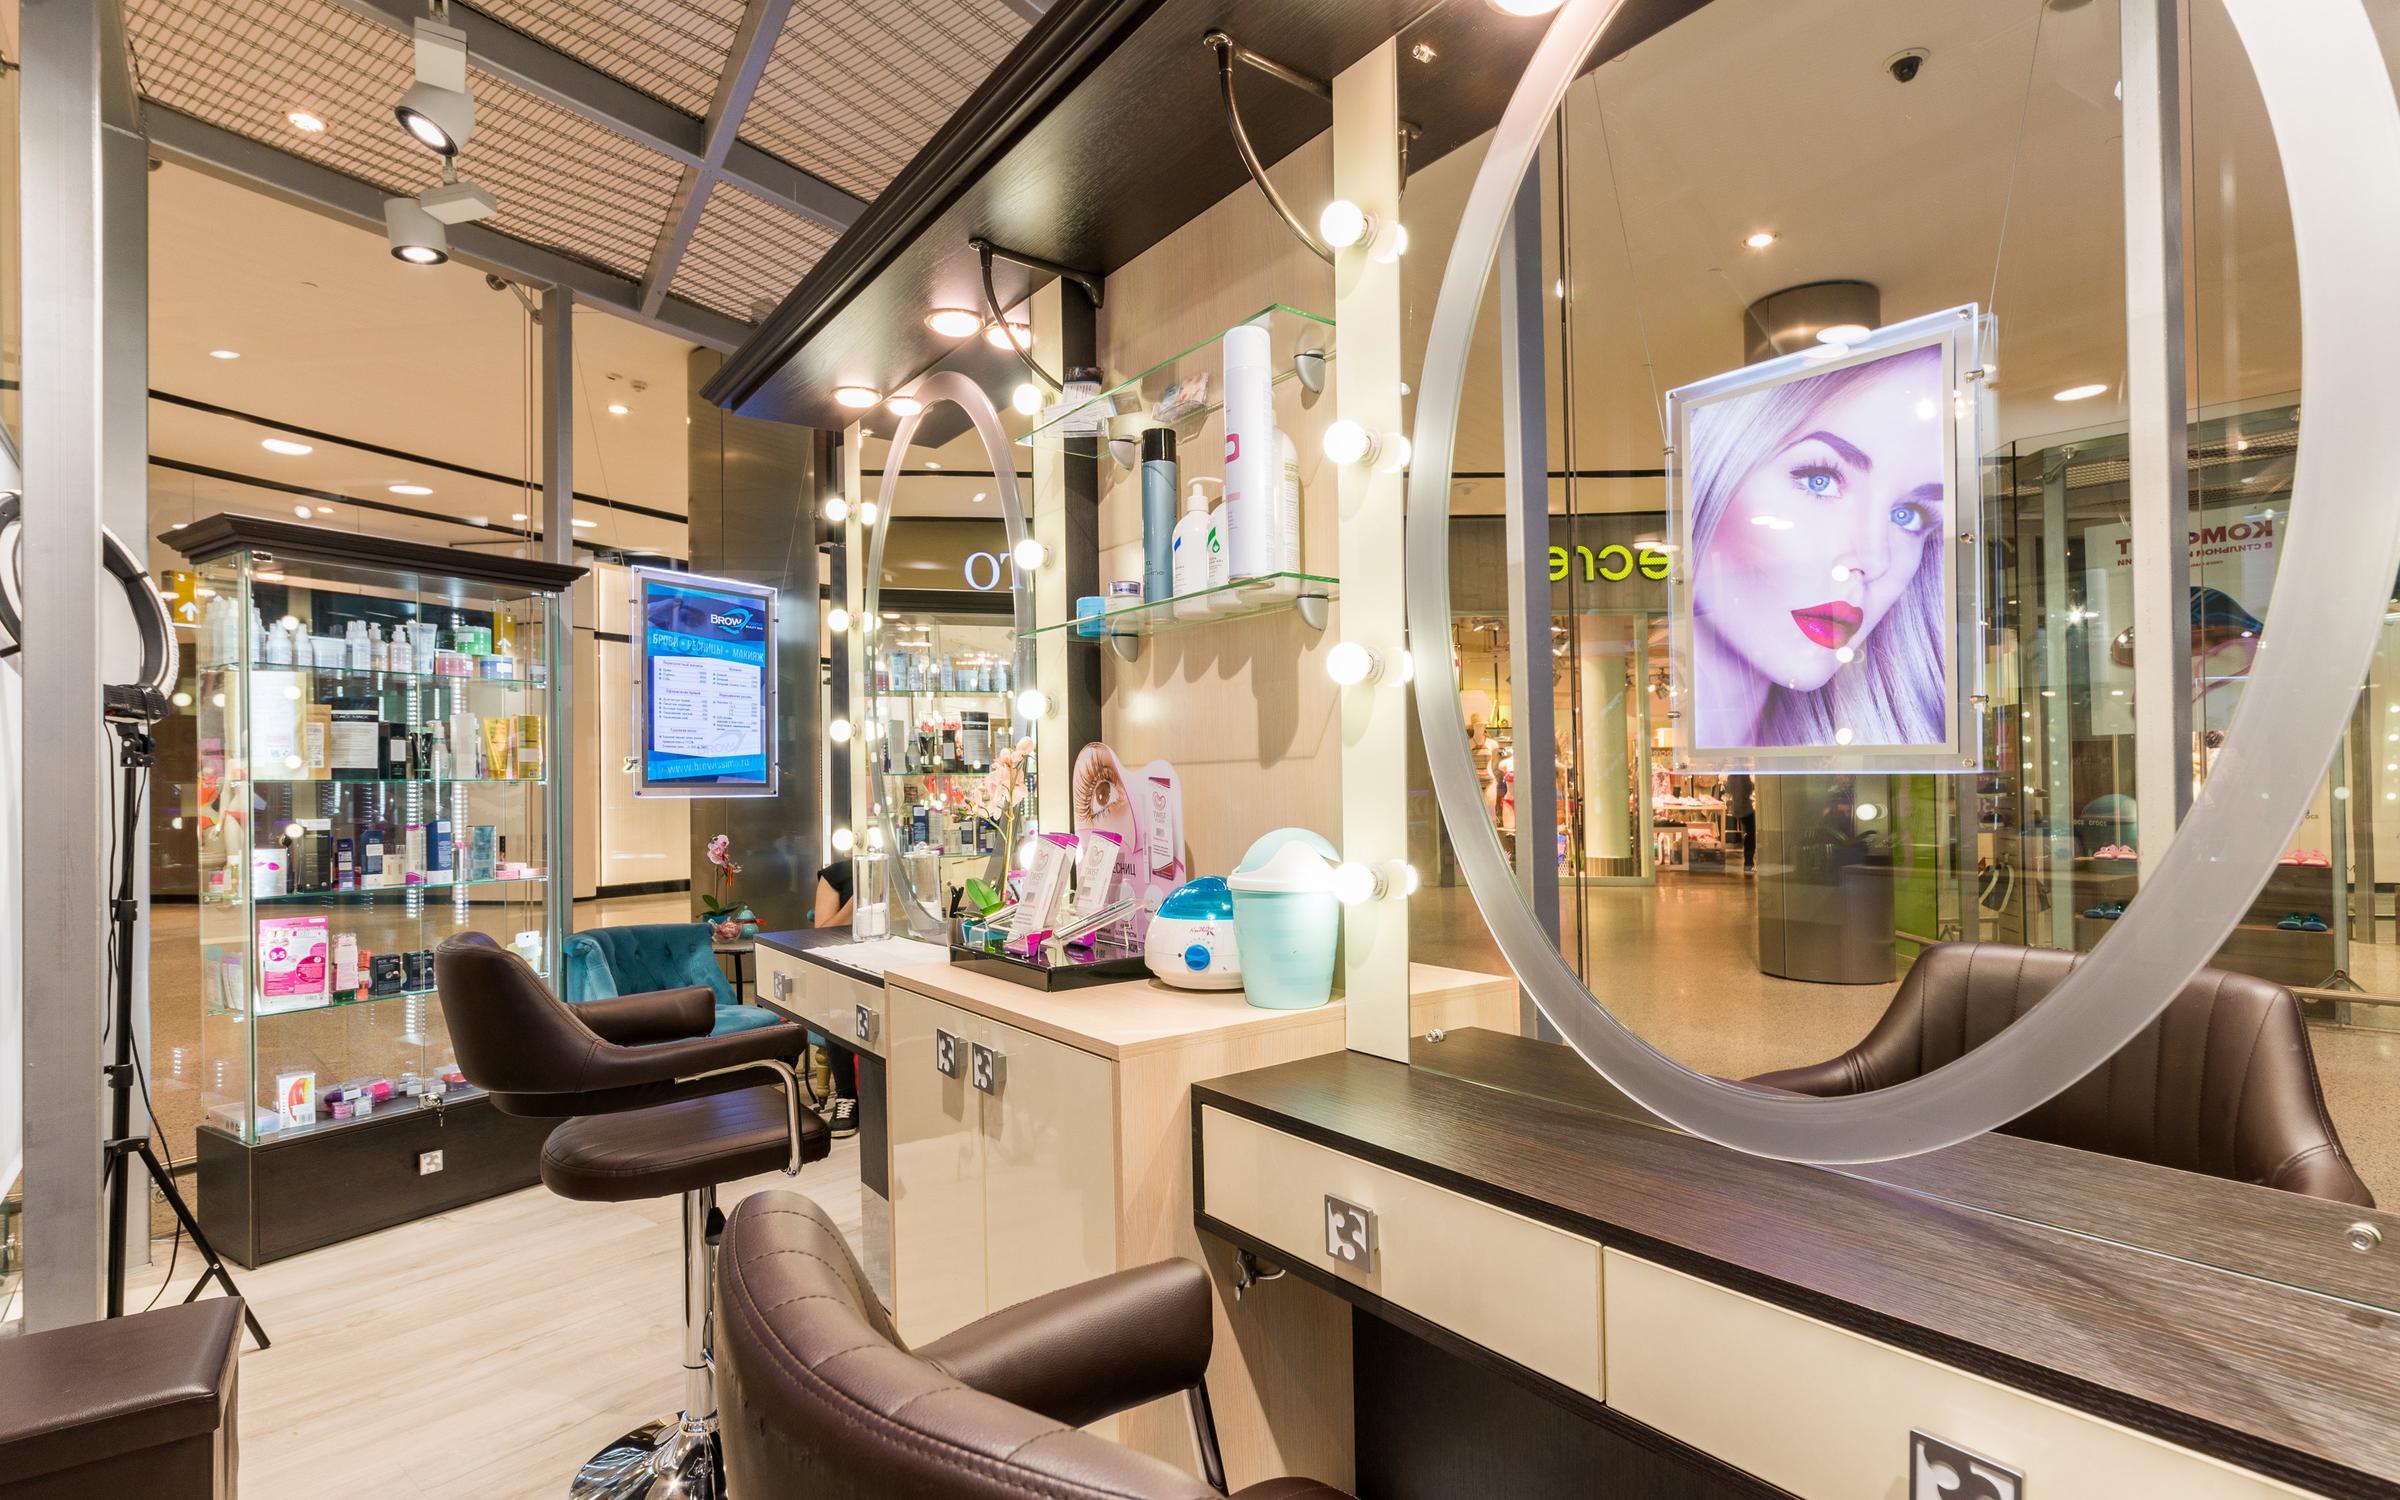 фотография Beauty bar Browissimo на Ярцевской улице, 19, 3 этаж